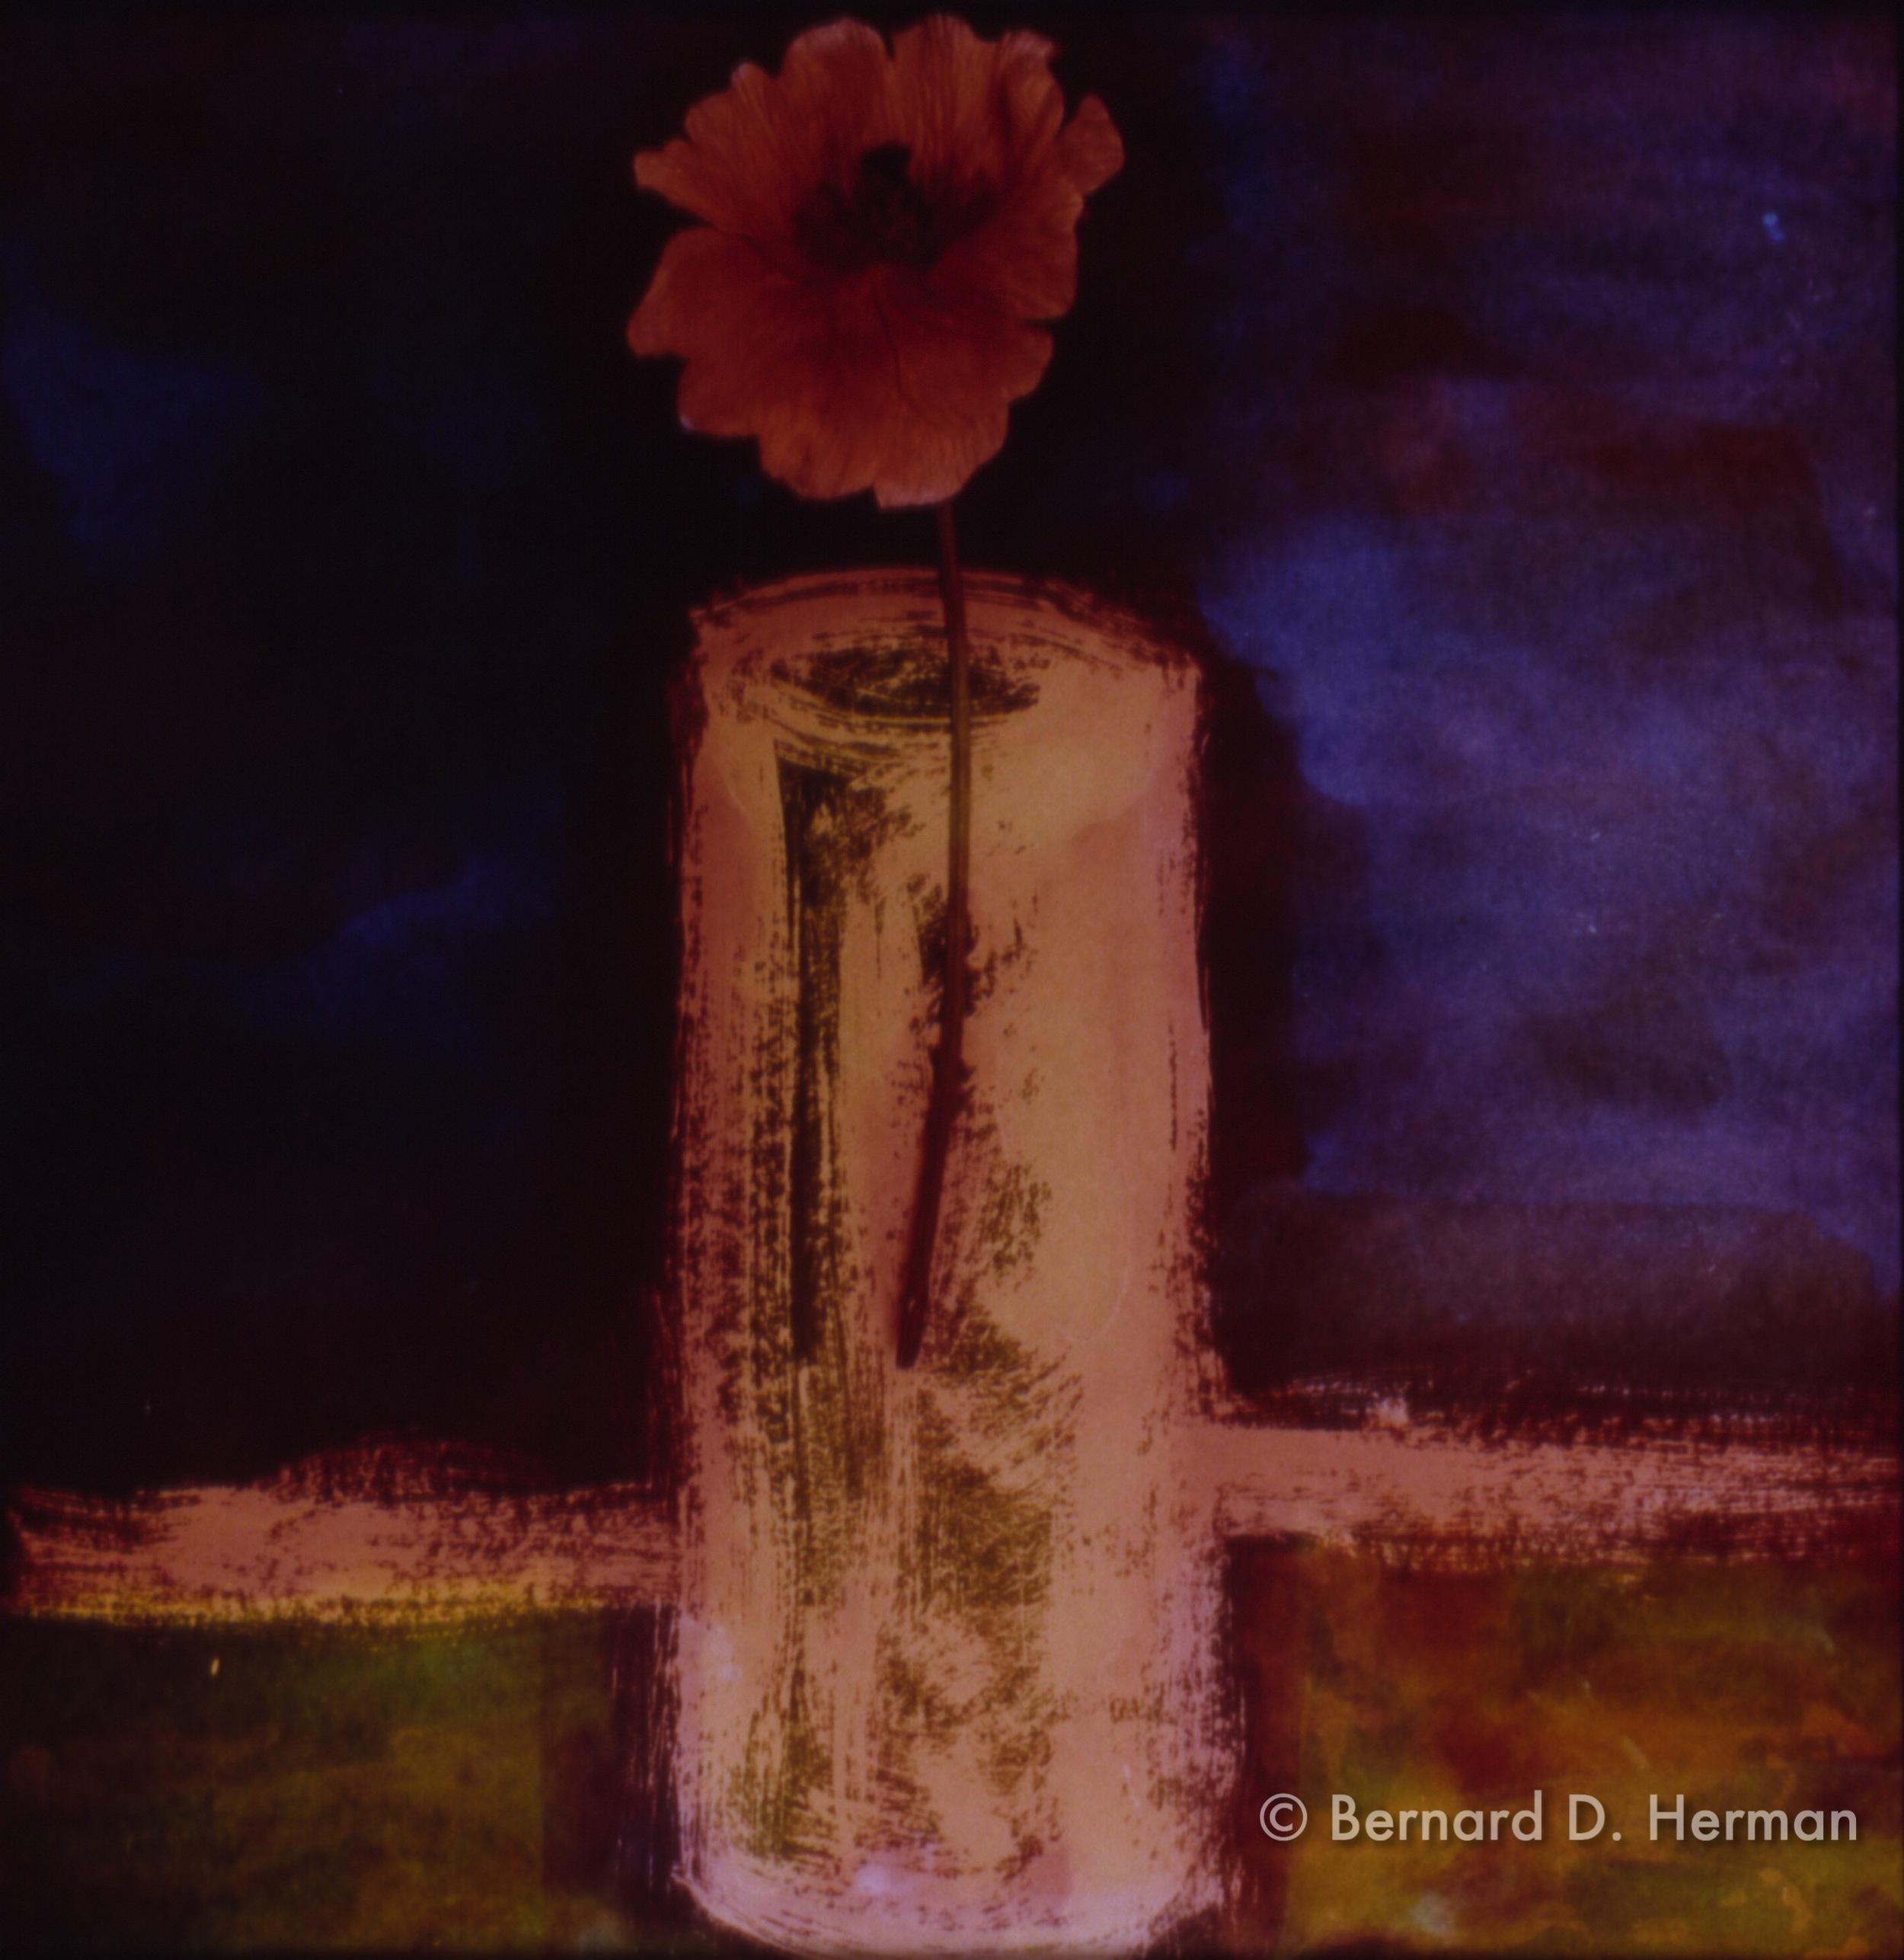 Vase of Poppy